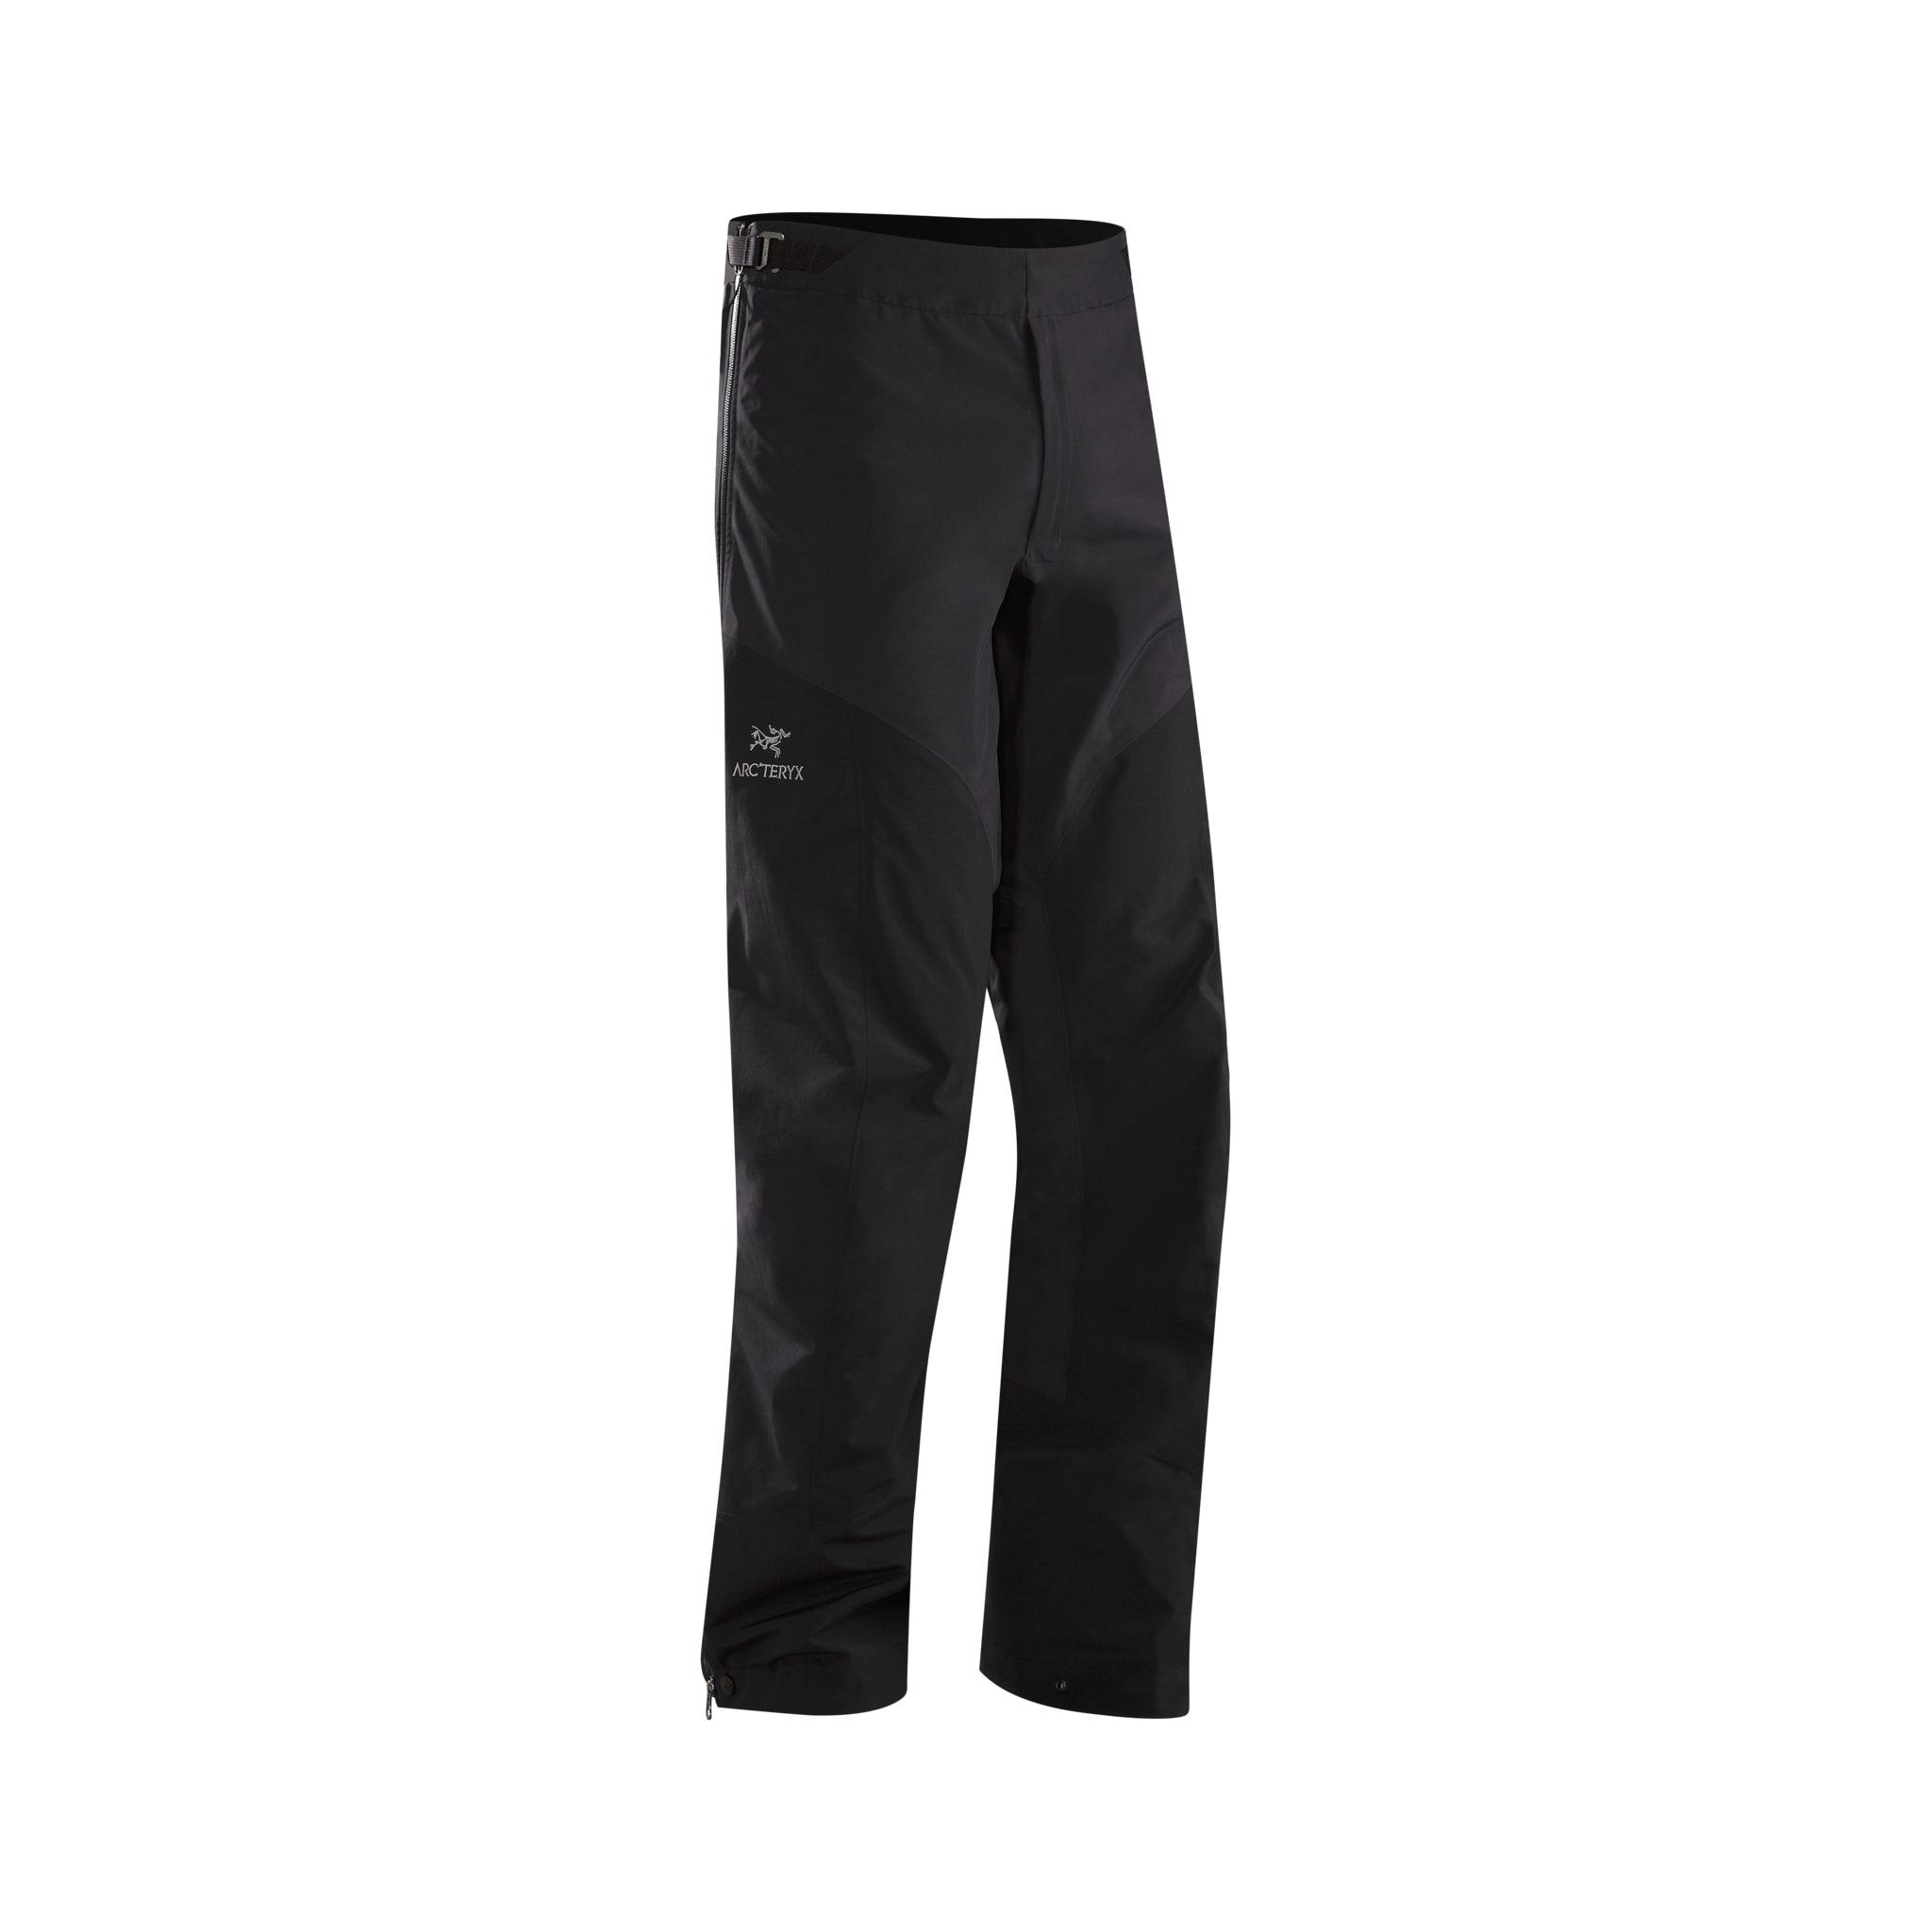 Lett og pakkvennlig vanntett bukse til alpint bruk